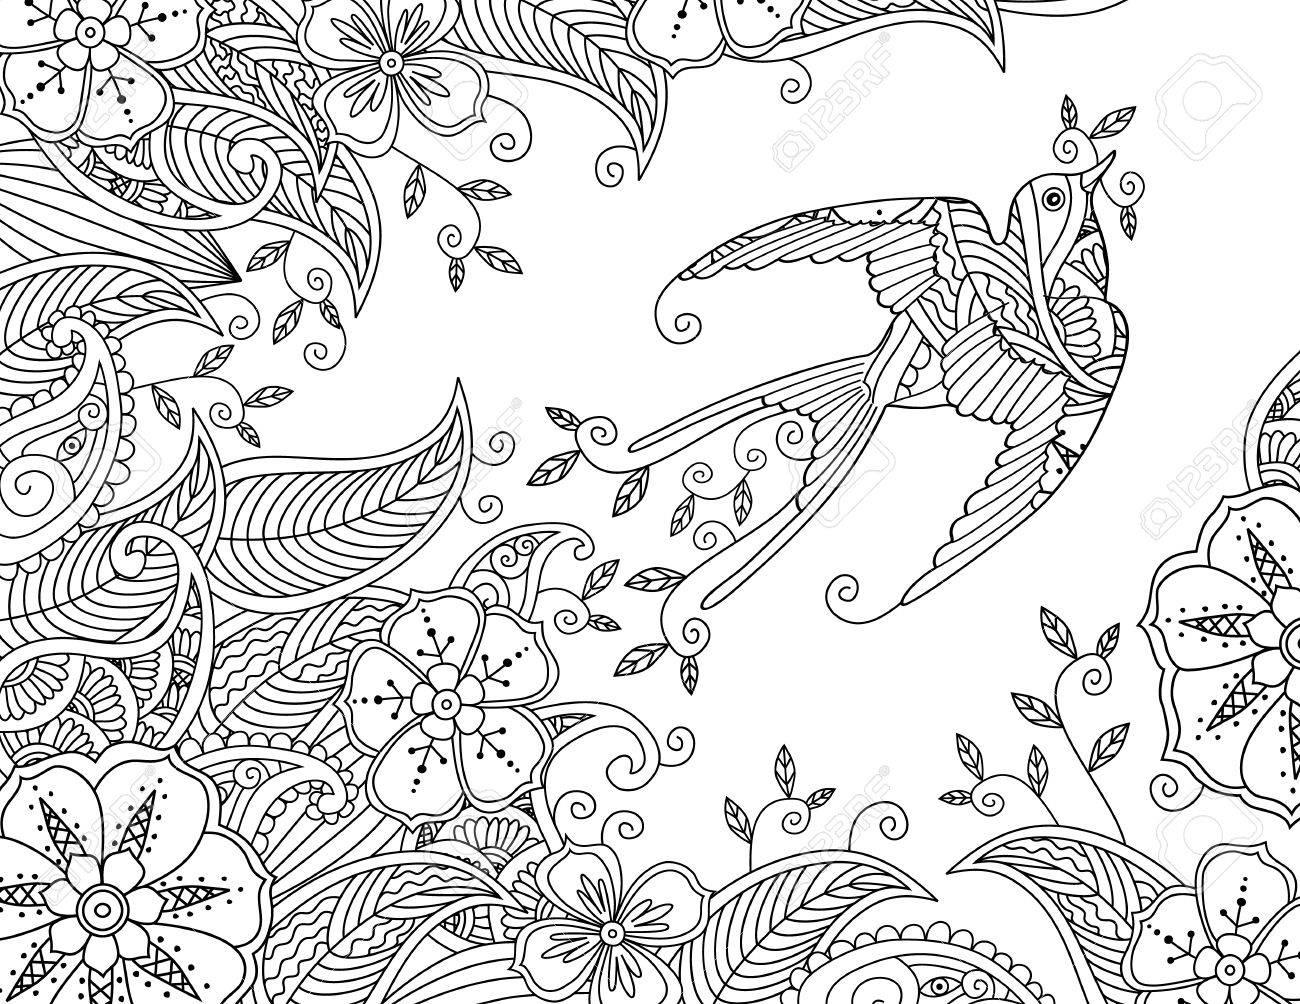 Dibujo Para Colorear Con Hermoso Pájaro Volador Y Fondo Floral